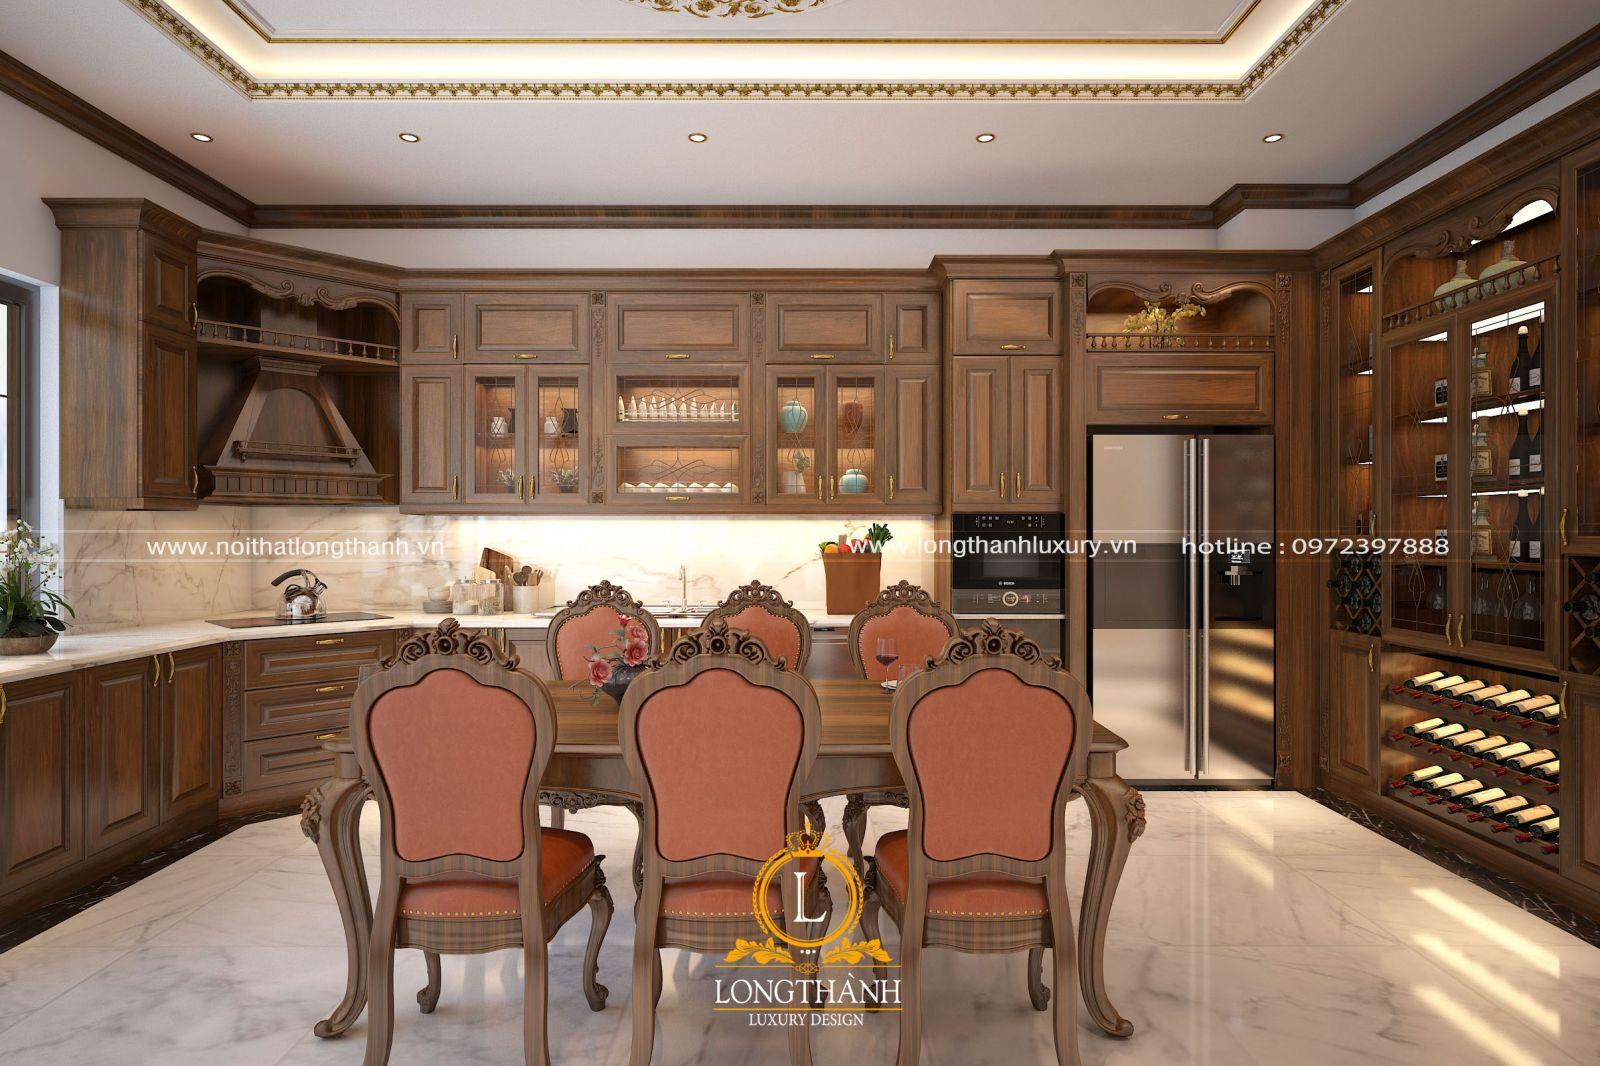 Bộ tủ bếp được thiết kế kết hợp cung tủ rượu là phương án được nhiều gia đình lựa chọn